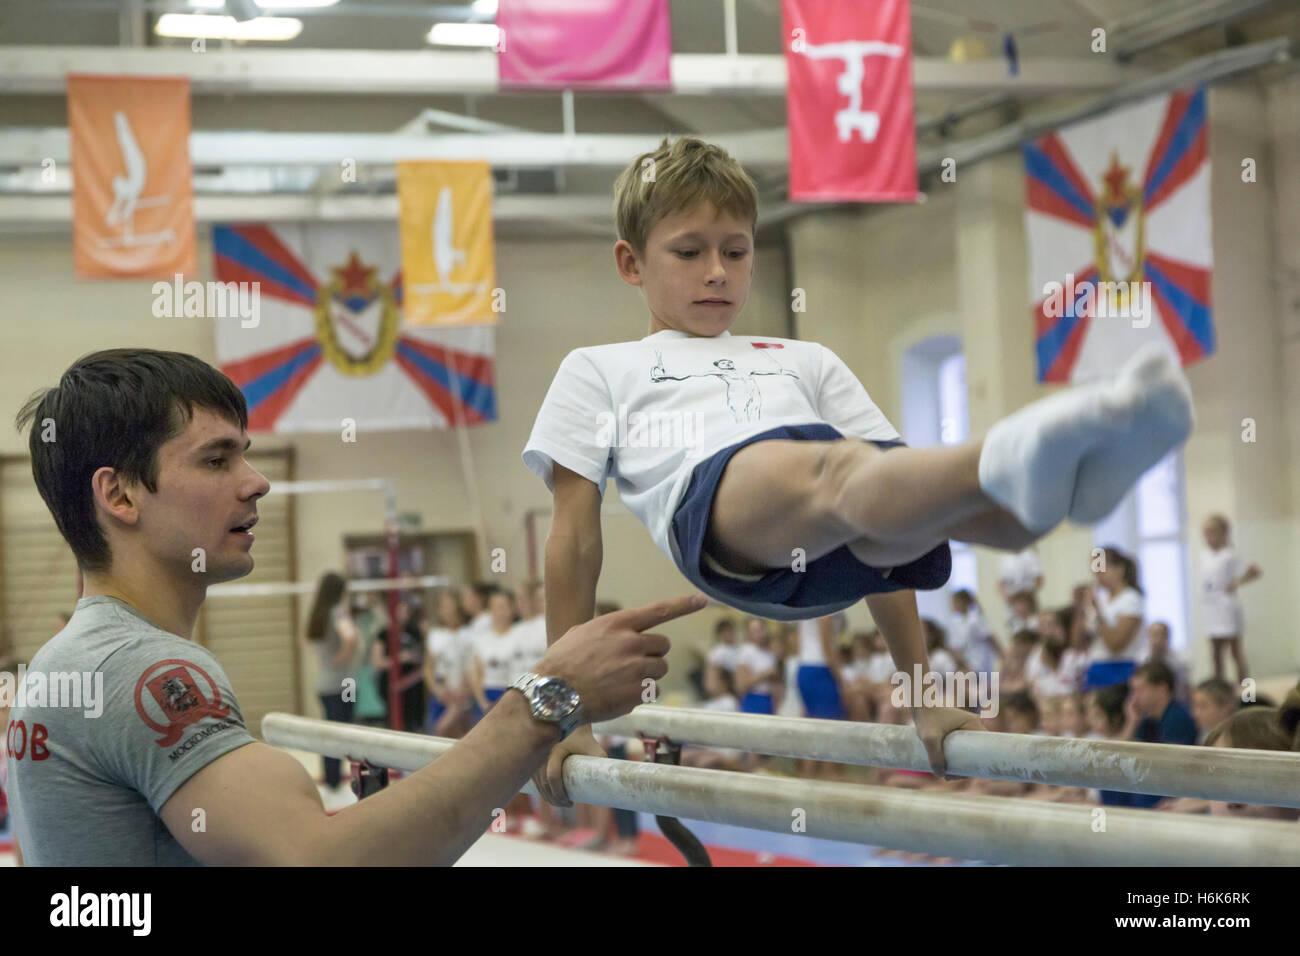 El gimnasta ruso Nikolai Kuksenkov (izquierda) participa en una master class de gimnasia para niños Imagen De Stock